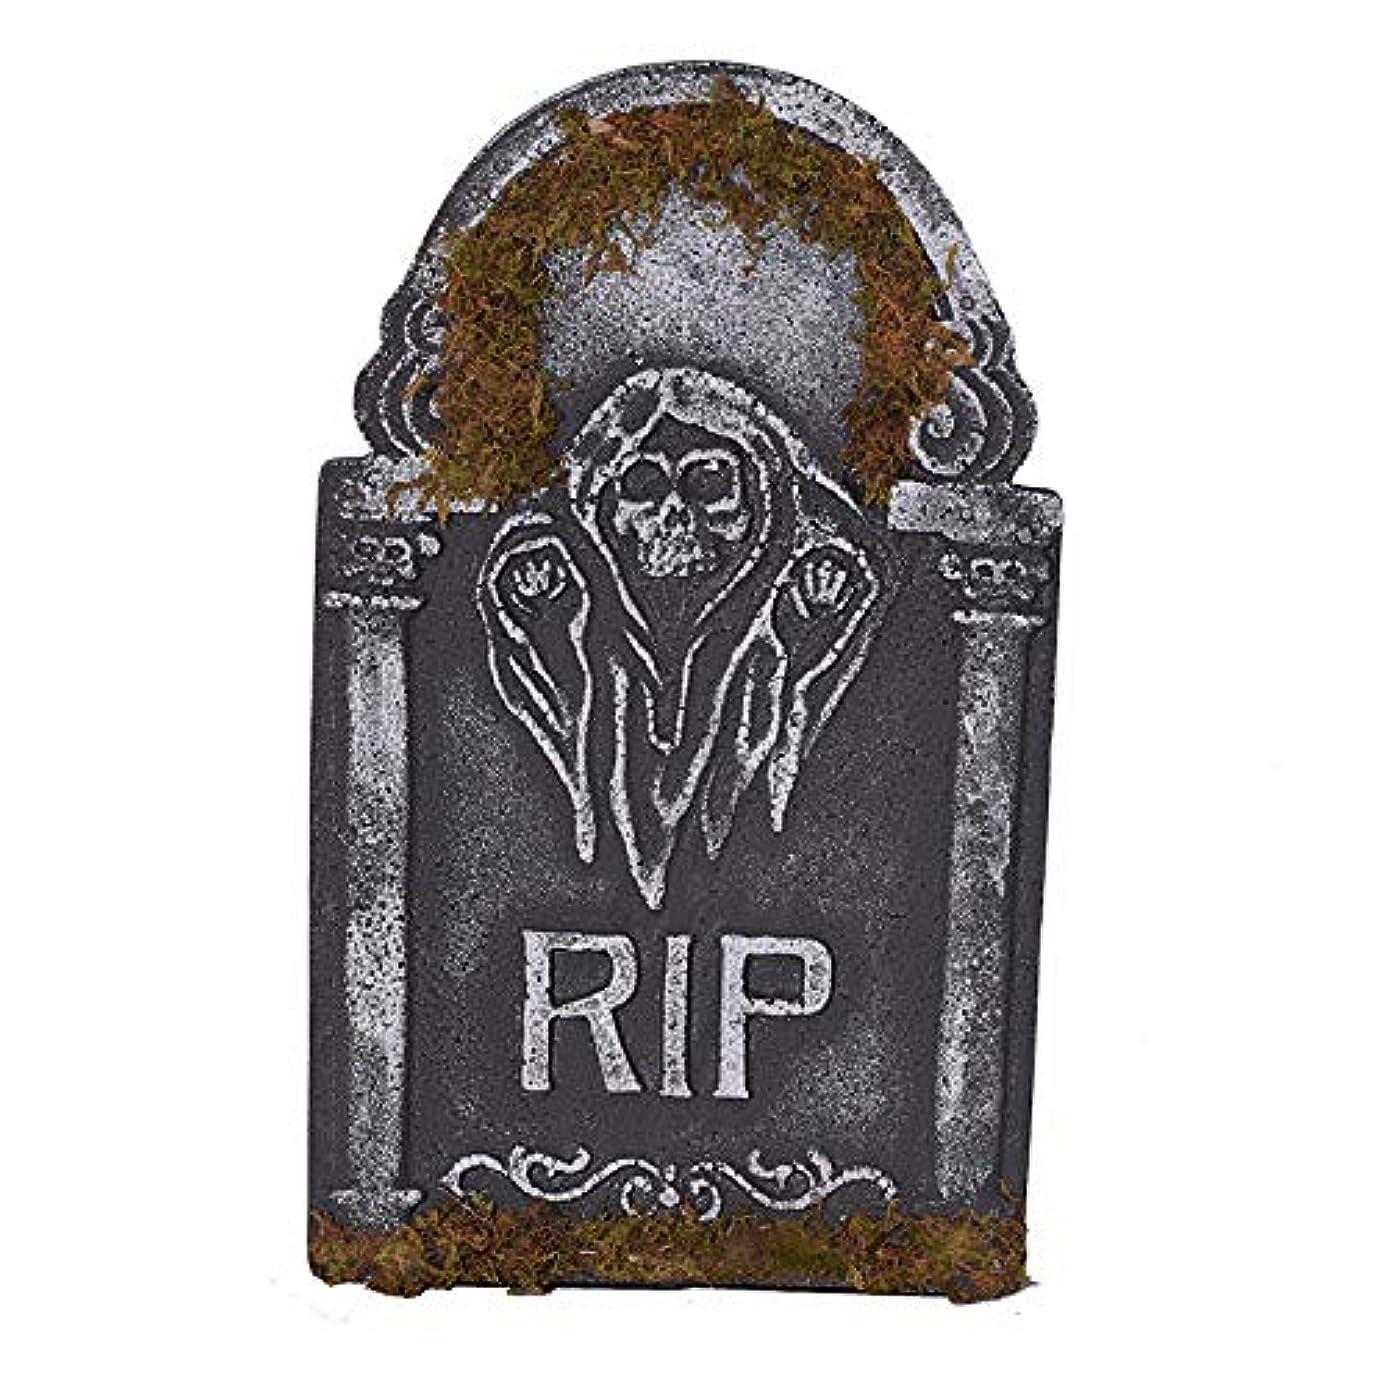 病気だと思う分析弾性ETRRUU HOME トゥームストーンハロウィンバーKTVお化け屋敷秘密の部屋タトゥーショップホラー雰囲気装飾装飾写真小道具